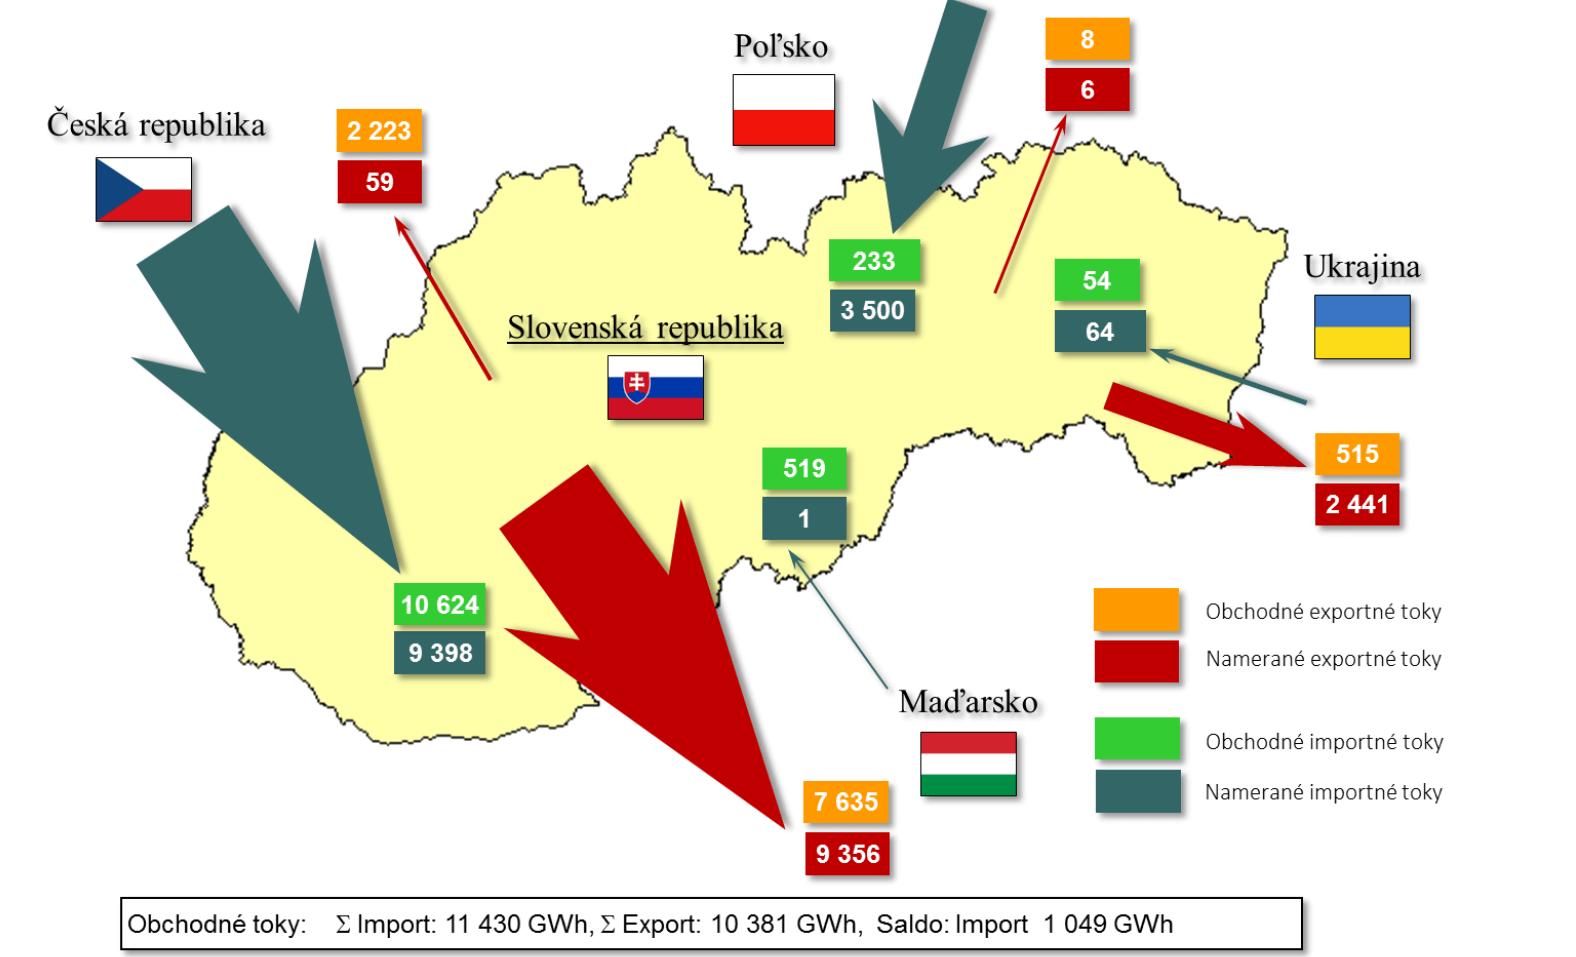 Import a export elektřiny Slovensko 2014. Zdroj: Správa o výsledkoch monitorovania bezpečnosti dodávok elektriny 2015